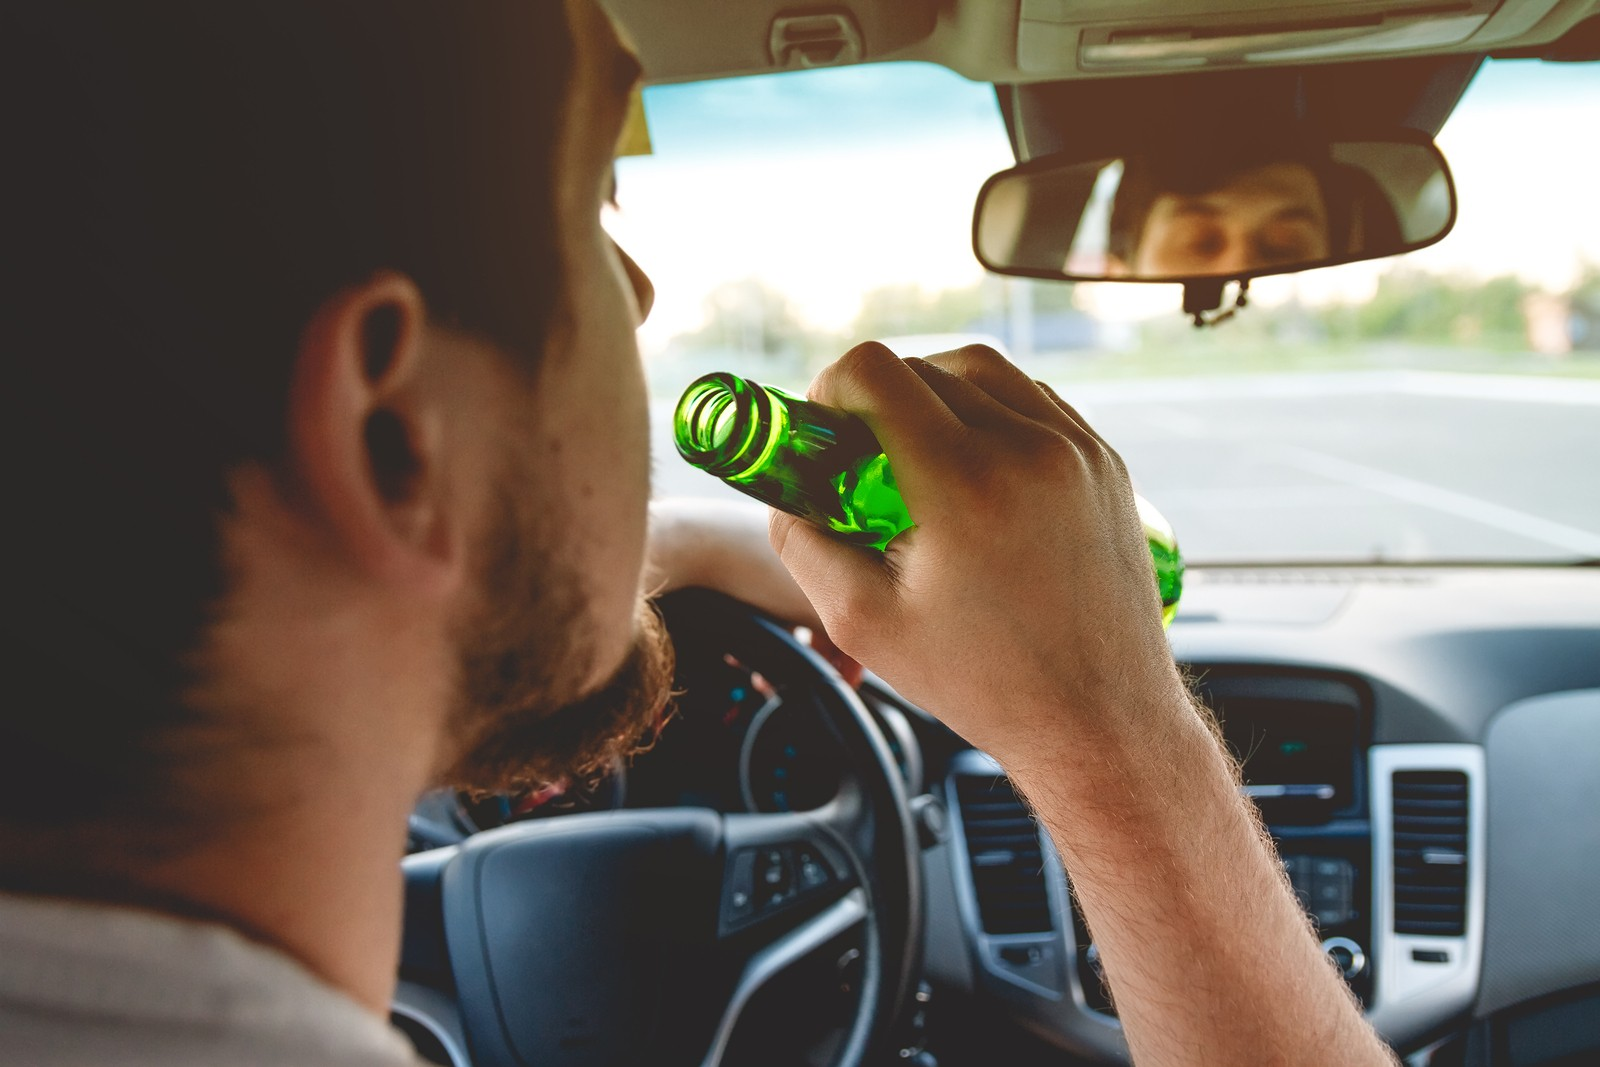 Лишили прав за пьянку в 2019году может ли быть амнистия